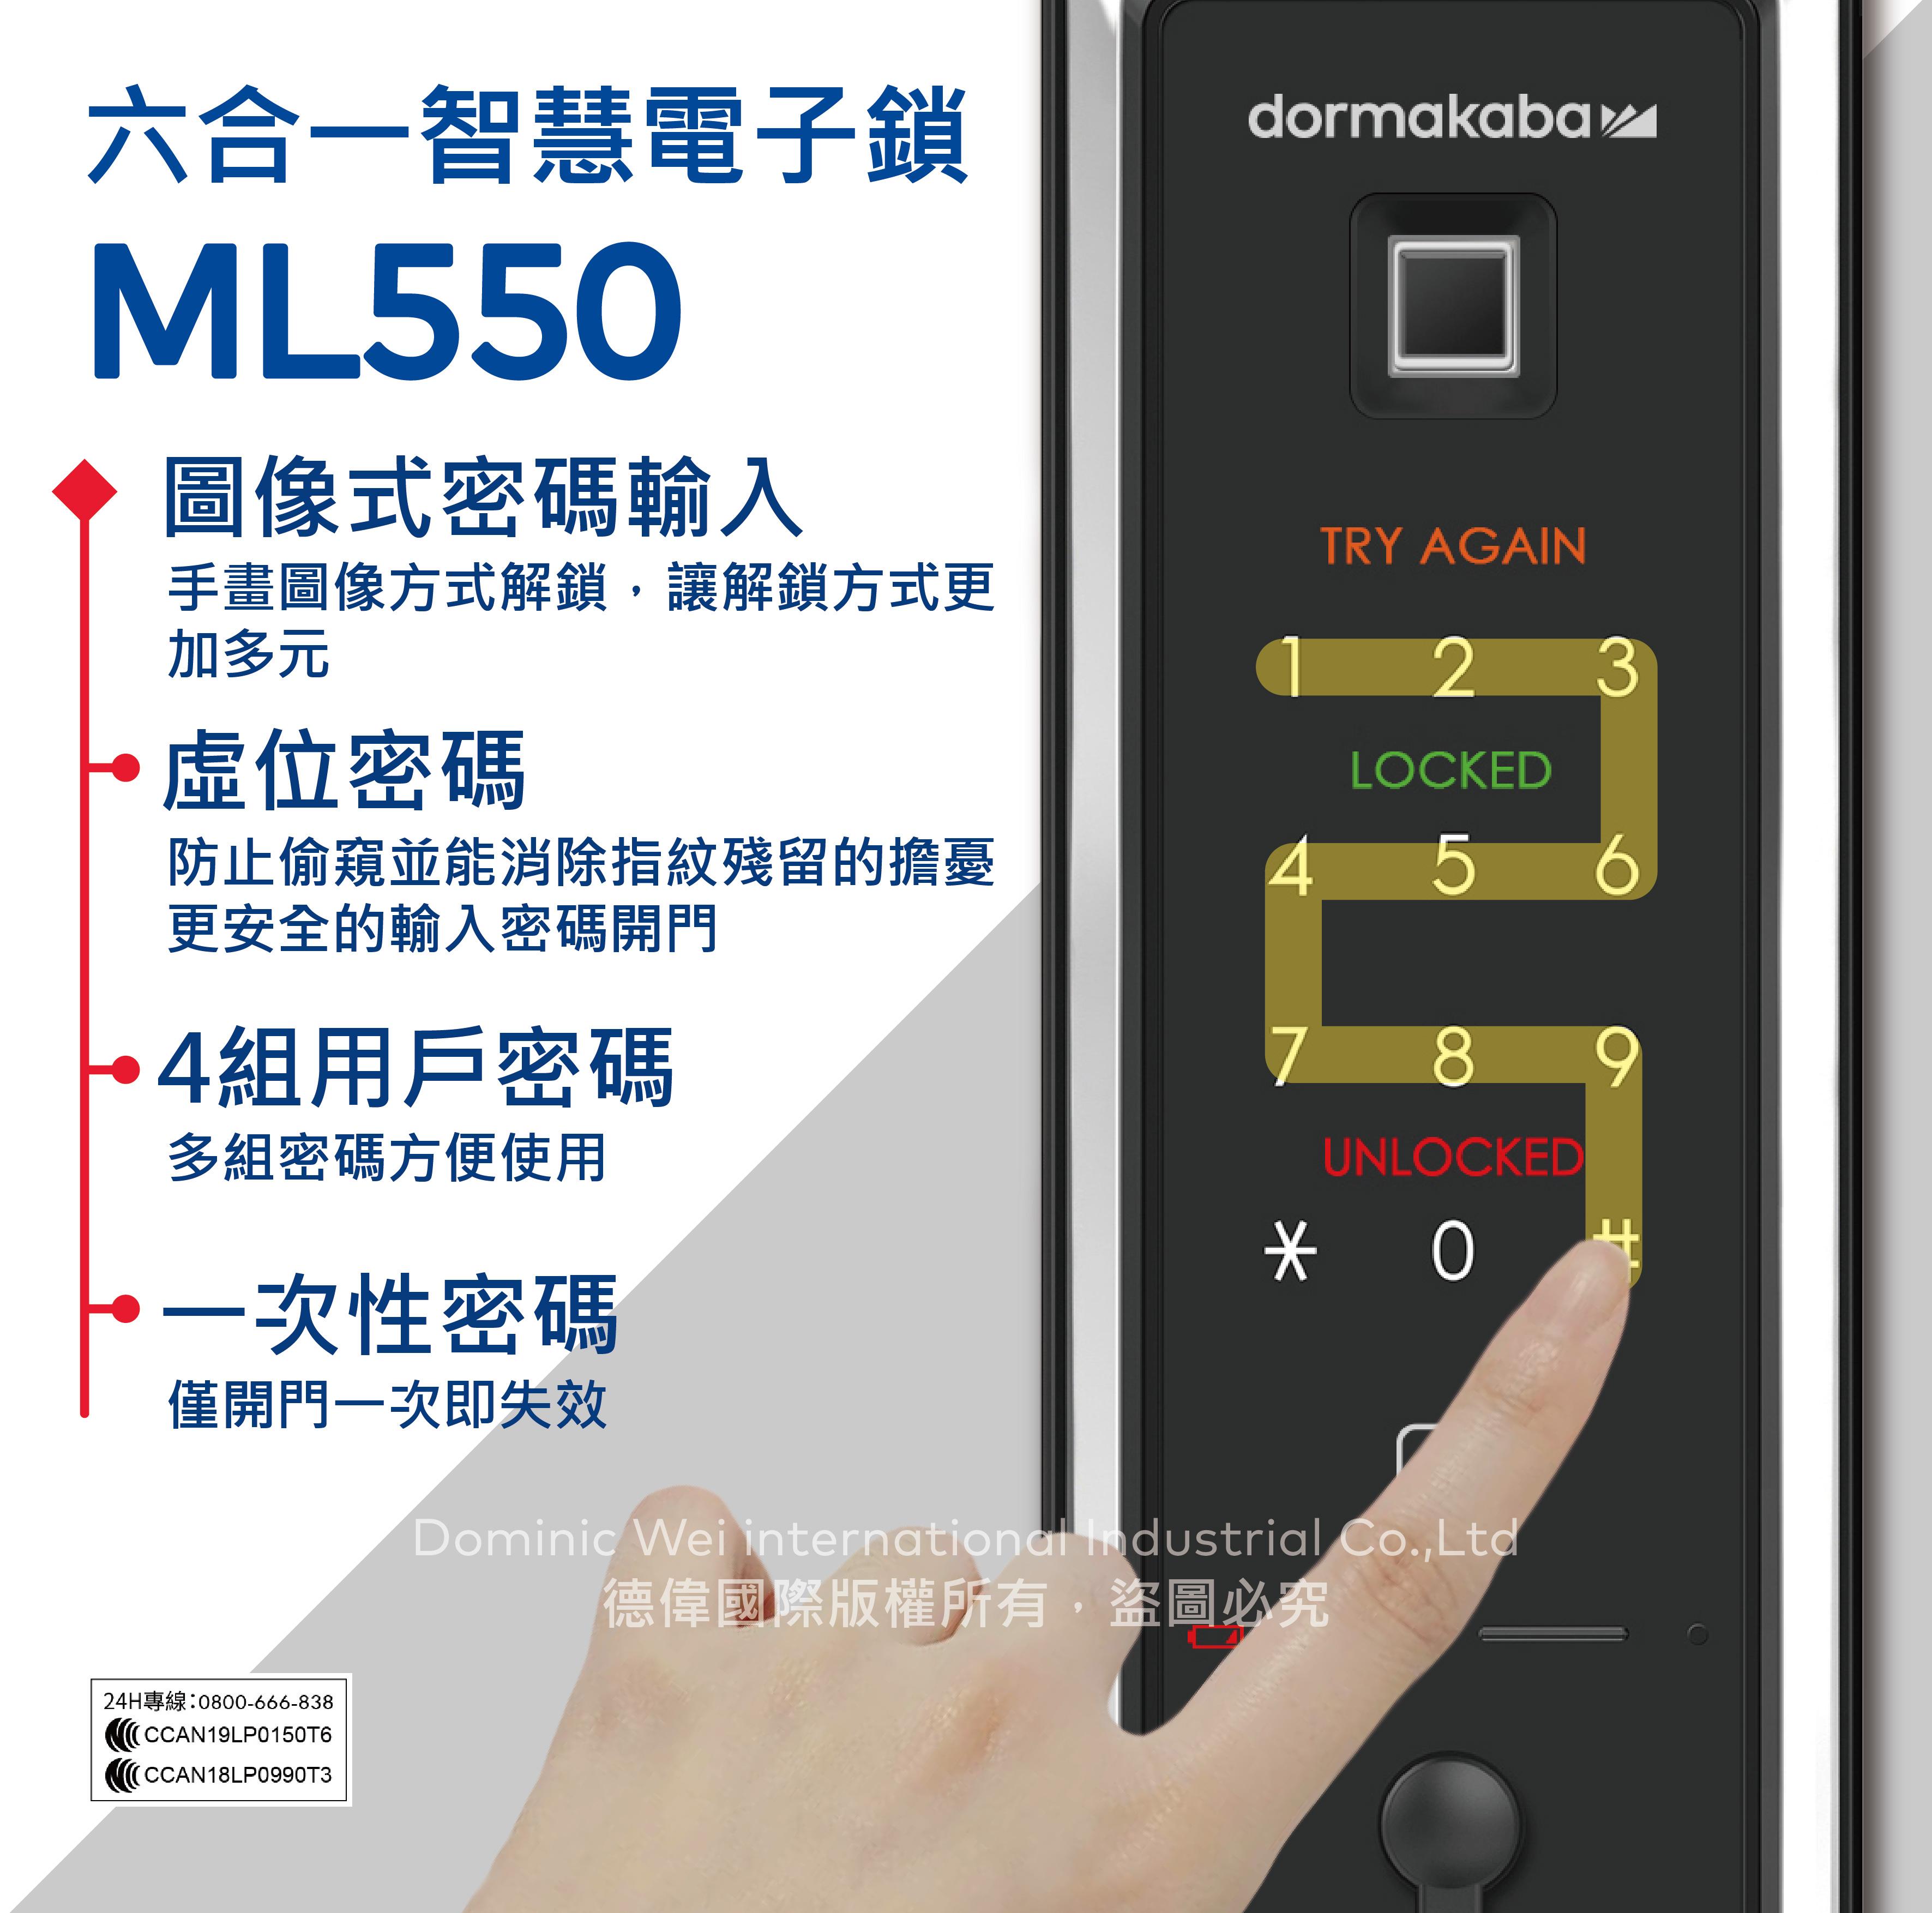 ML550 bunner 簡約版3-01.jpg